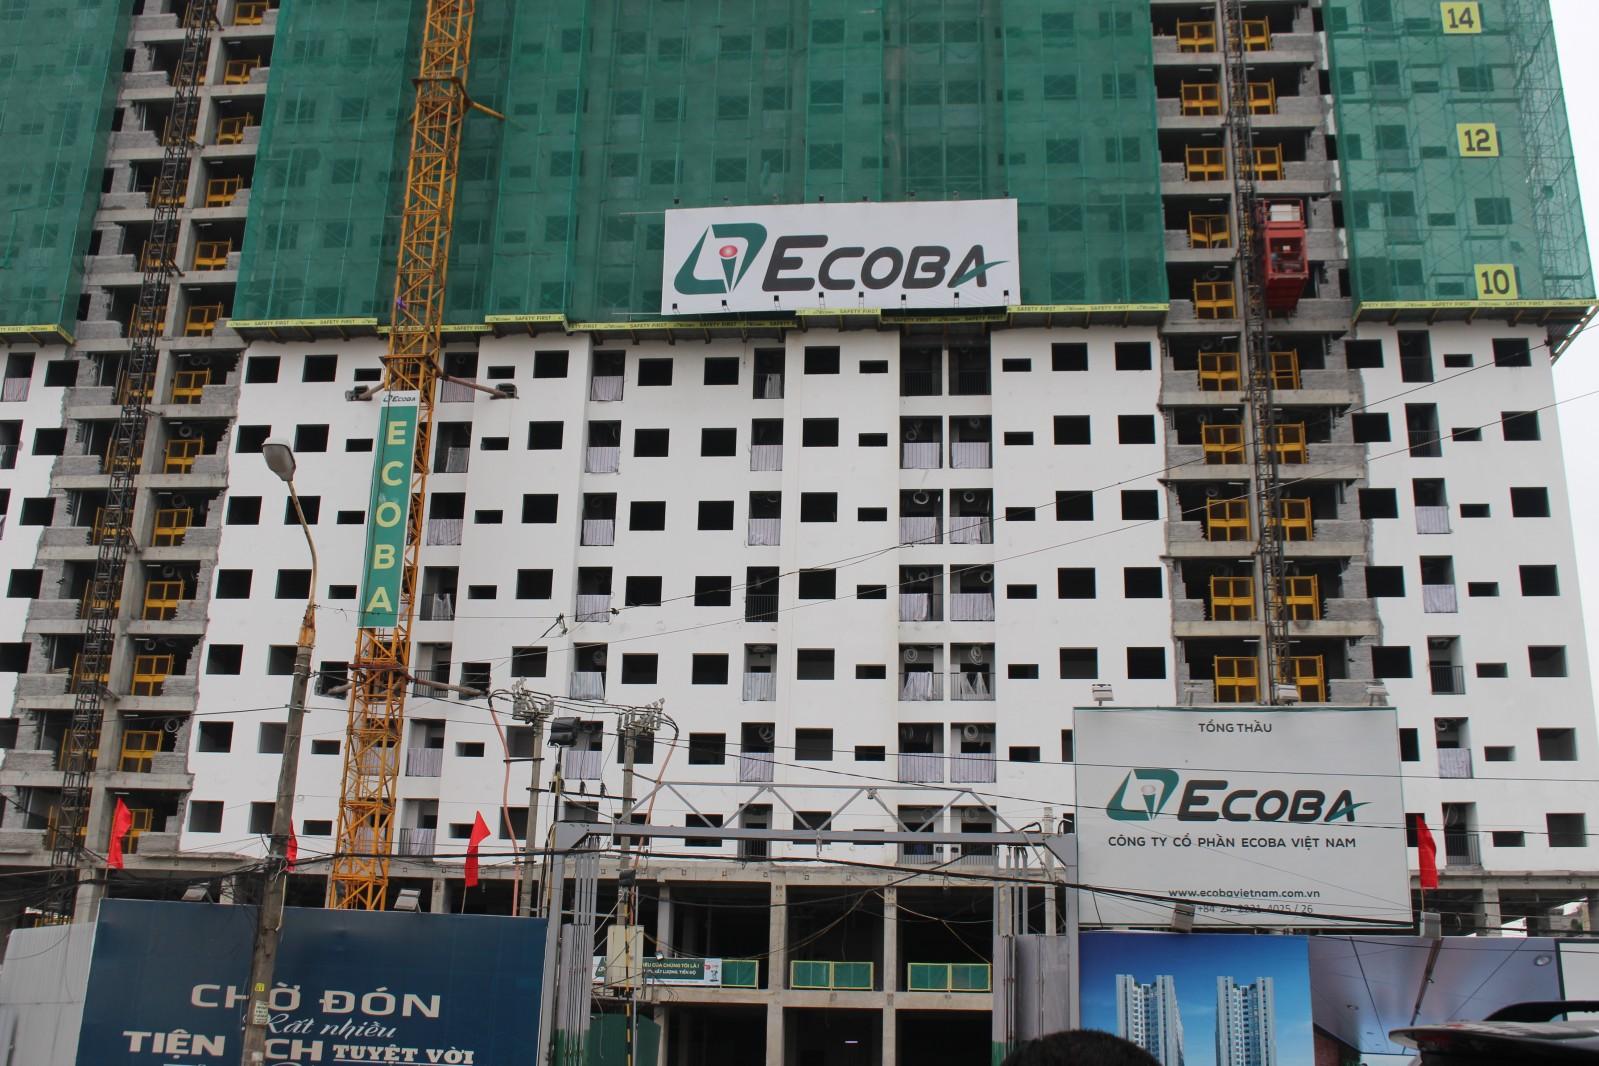 Trước đó, hai tòa chung cư HH3, HH4 thuộc công trình này đã được khởi công xây dựng từ tháng 3/2018, với quy mô 29 tầng cao và gần 1.500 căn hộ, dự kiến sẽ hoàn thành vào cuối năm 2019 sau 20 tháng thi công.